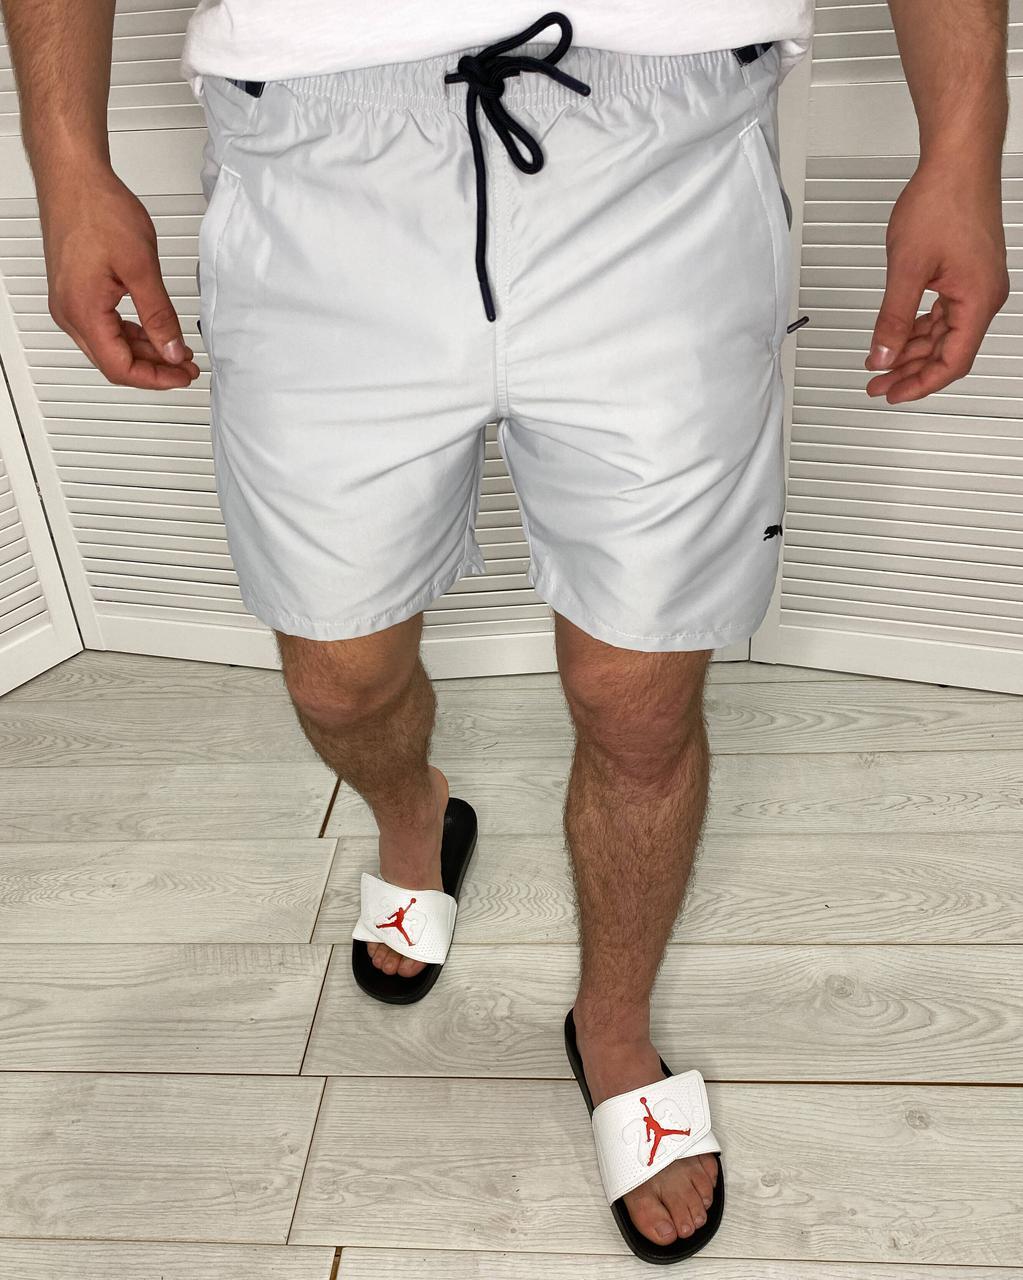 Шорты мужские пляжные спортивные Puma купальные плавки для мужчин